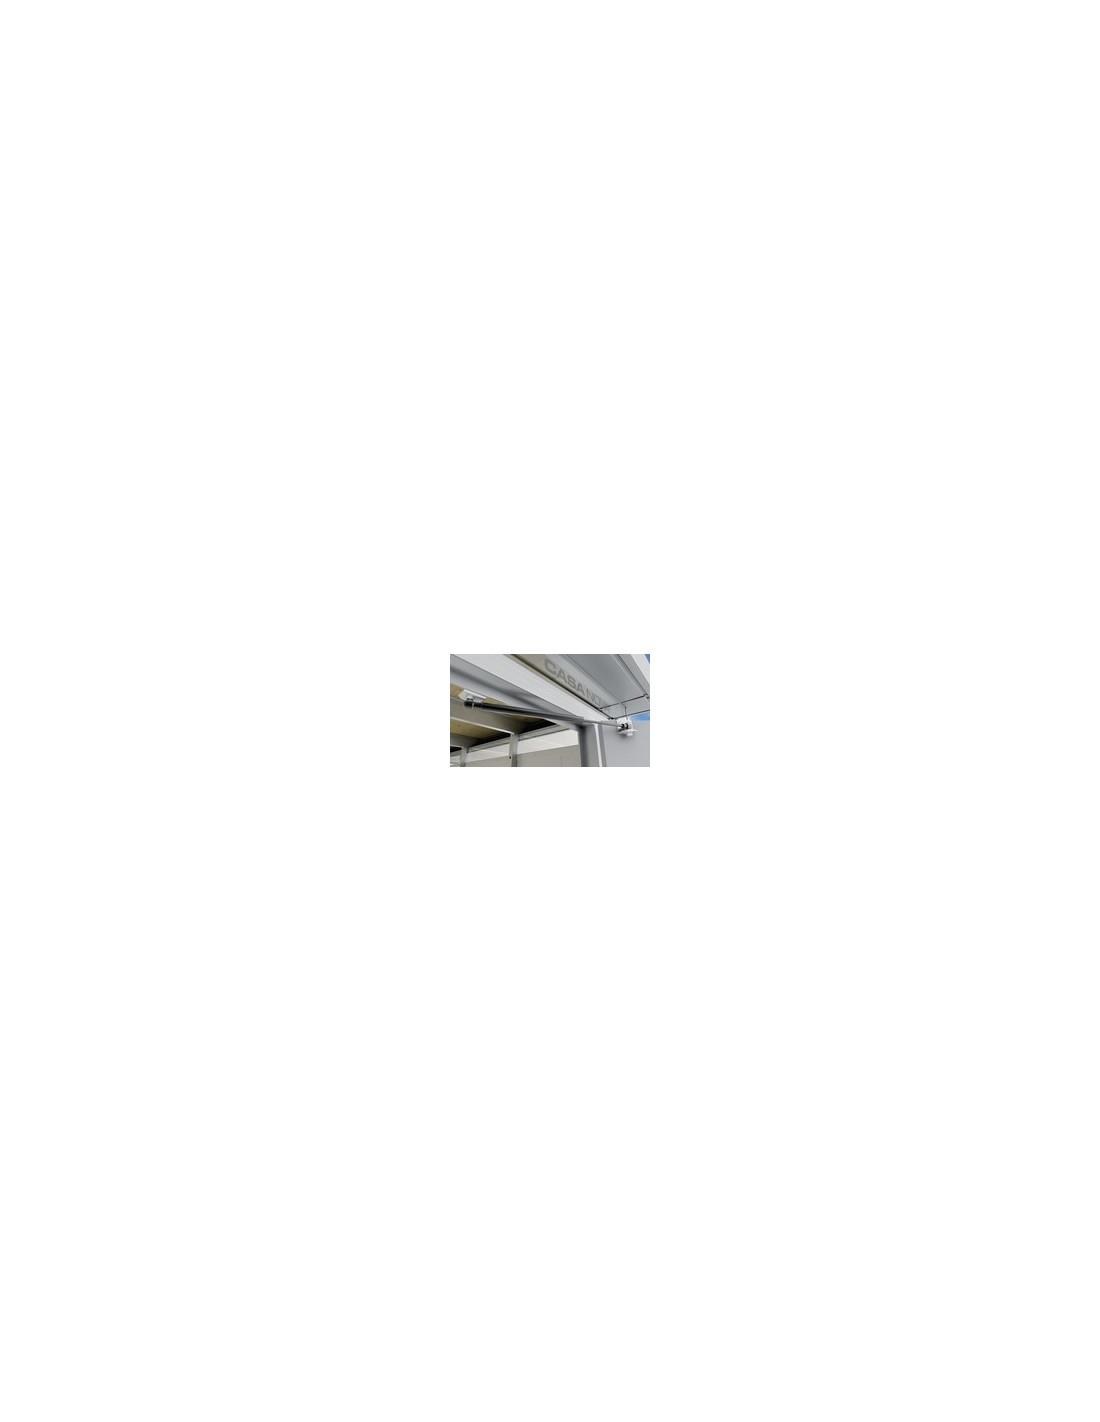 Abri isolé CasaNova double ou largeur Biohort portes Simple 4m IfvyY6gb7